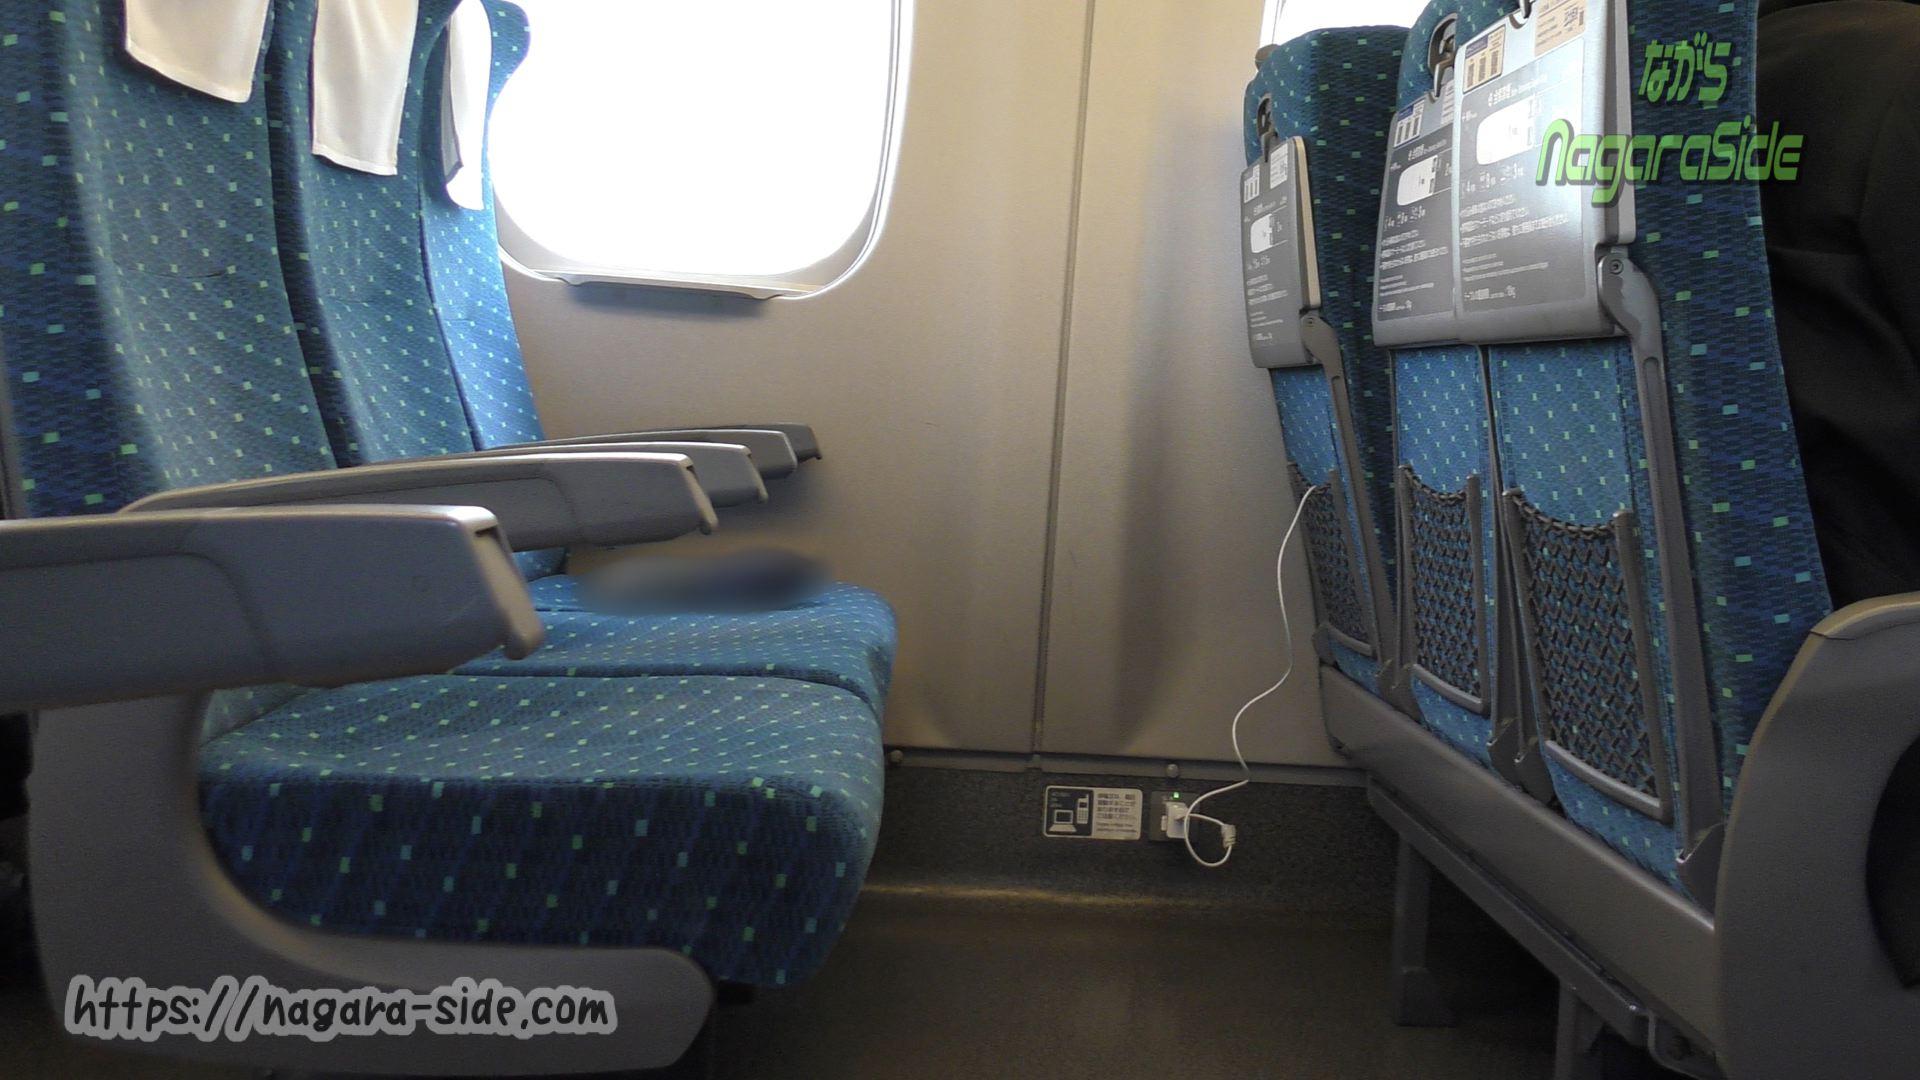 新幹線の座席で充電されたままの携帯電話